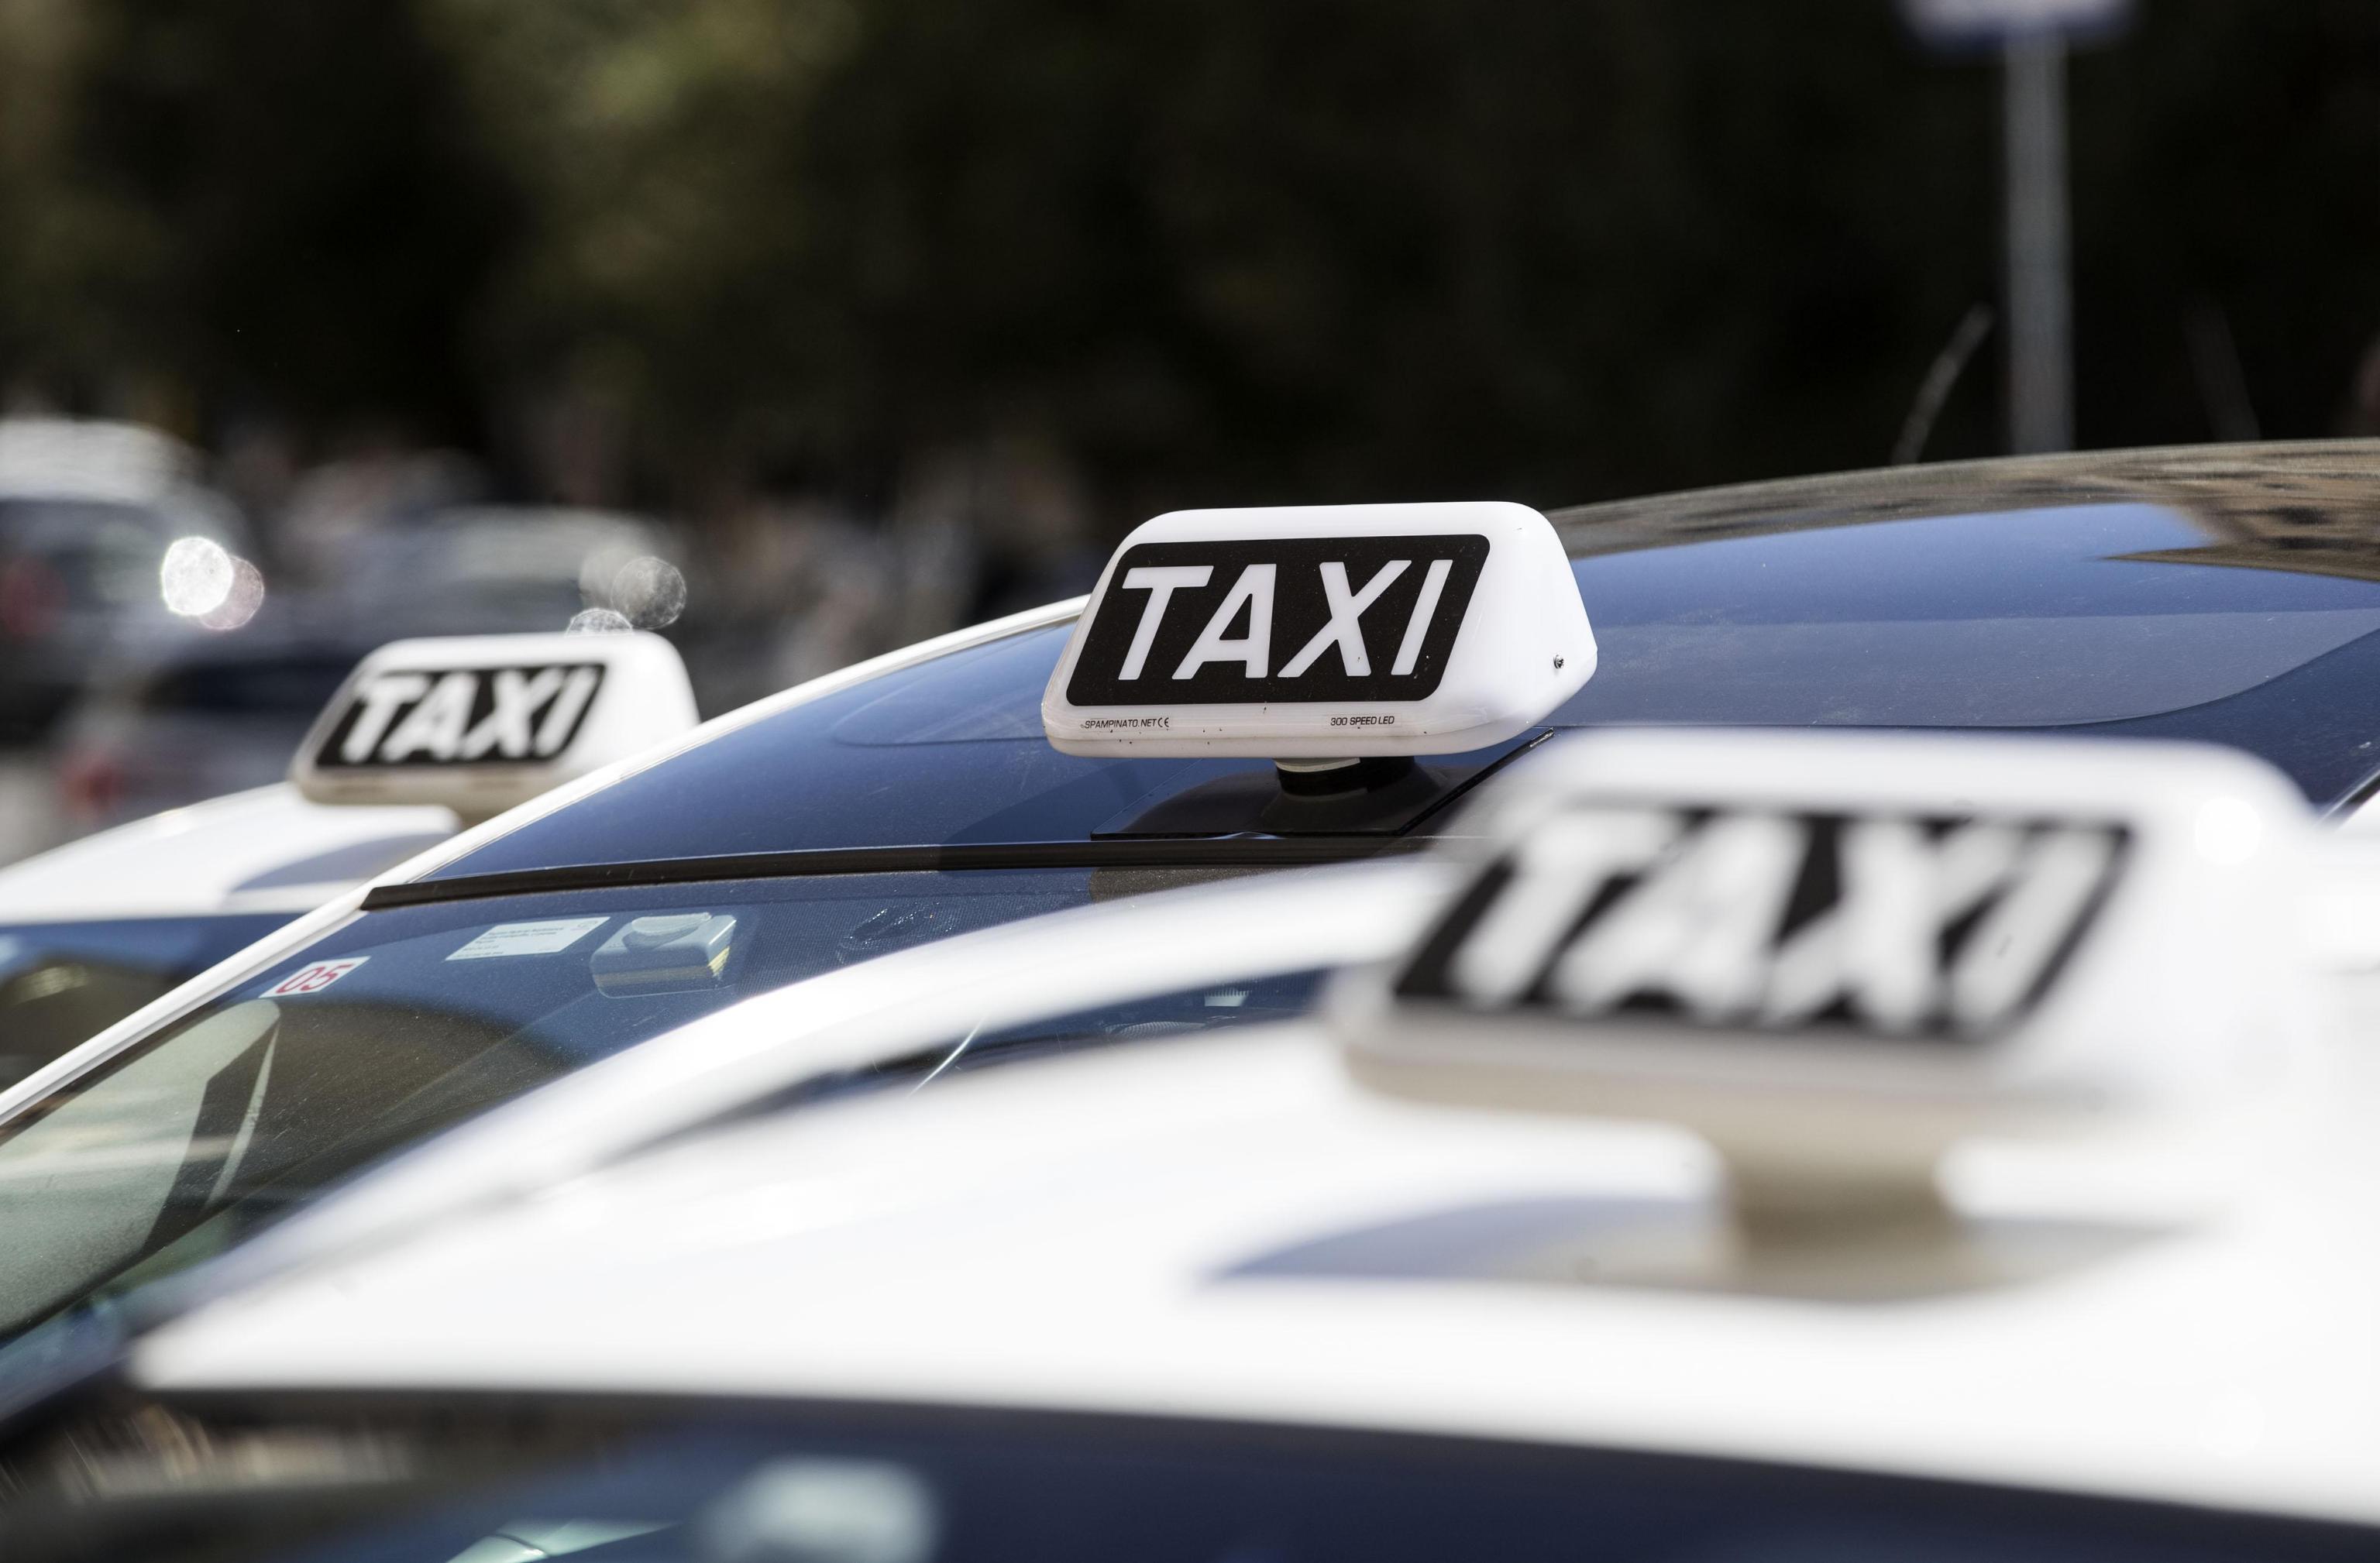 Sciopero Taxi 29 maggio 2017 presso stazioni di treni, aeroporti e porti